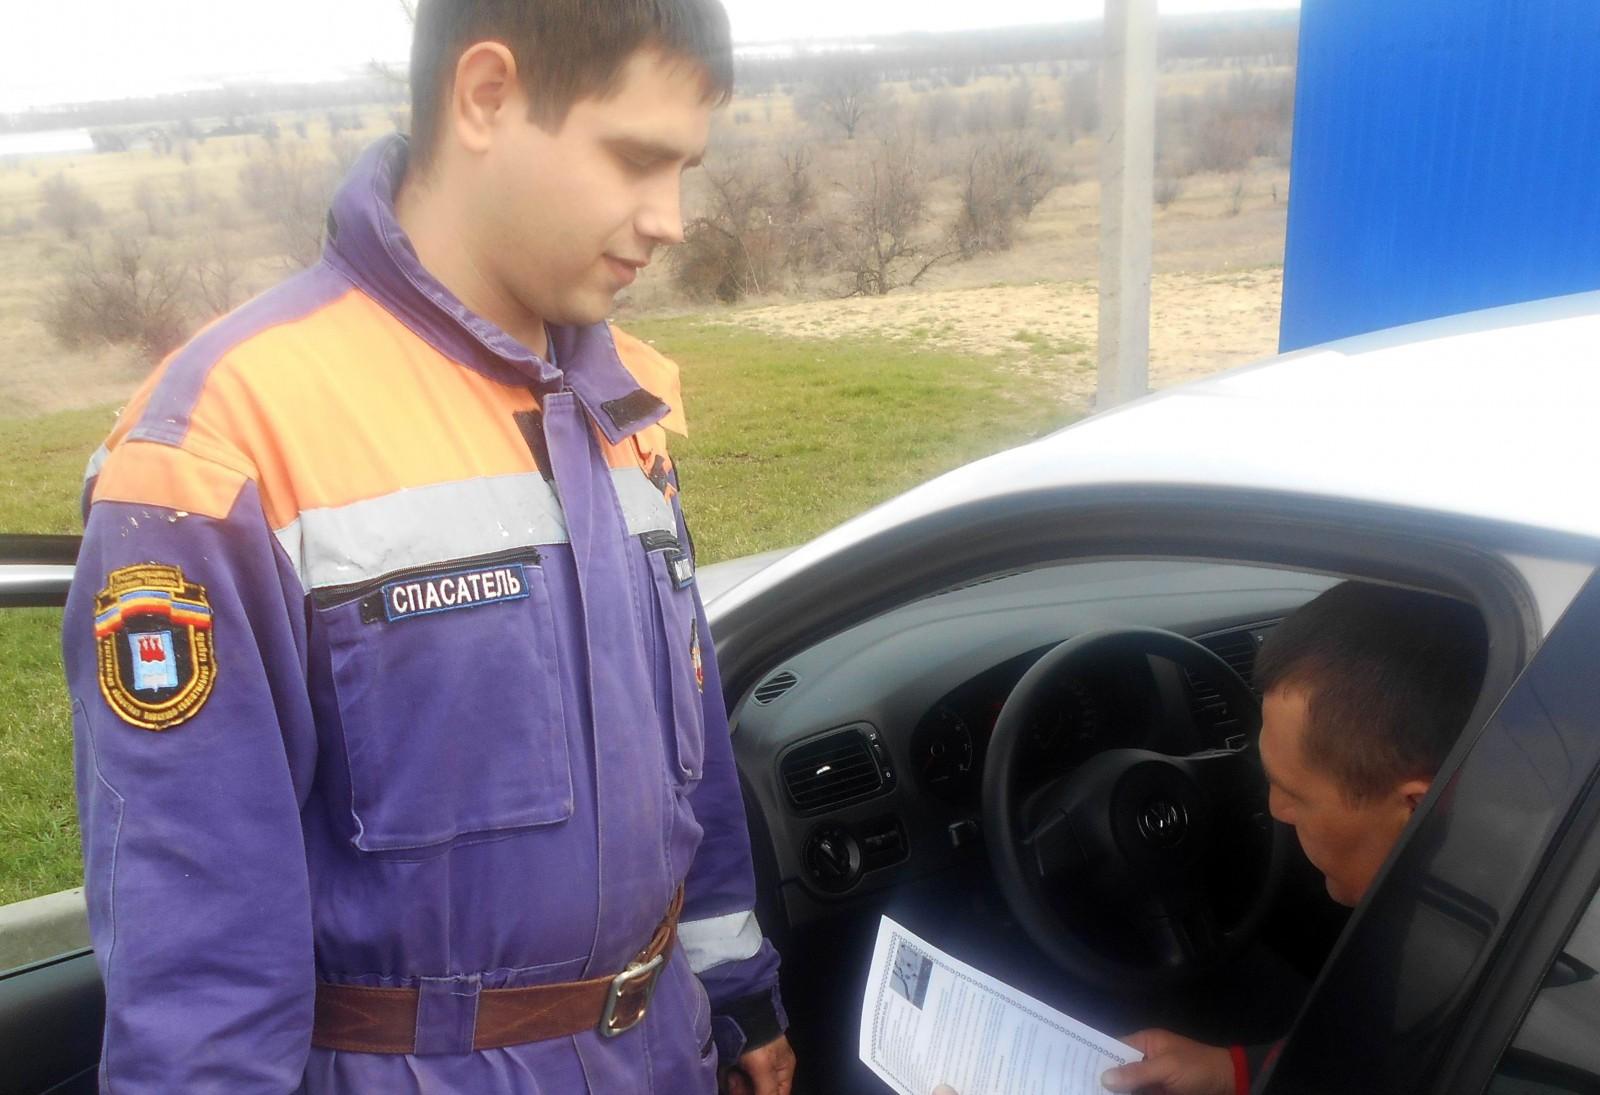 Около 2,4 тысячи протоколов нарушений требований пожарной безопасности составлено в Ростовской области с начала 2019 года